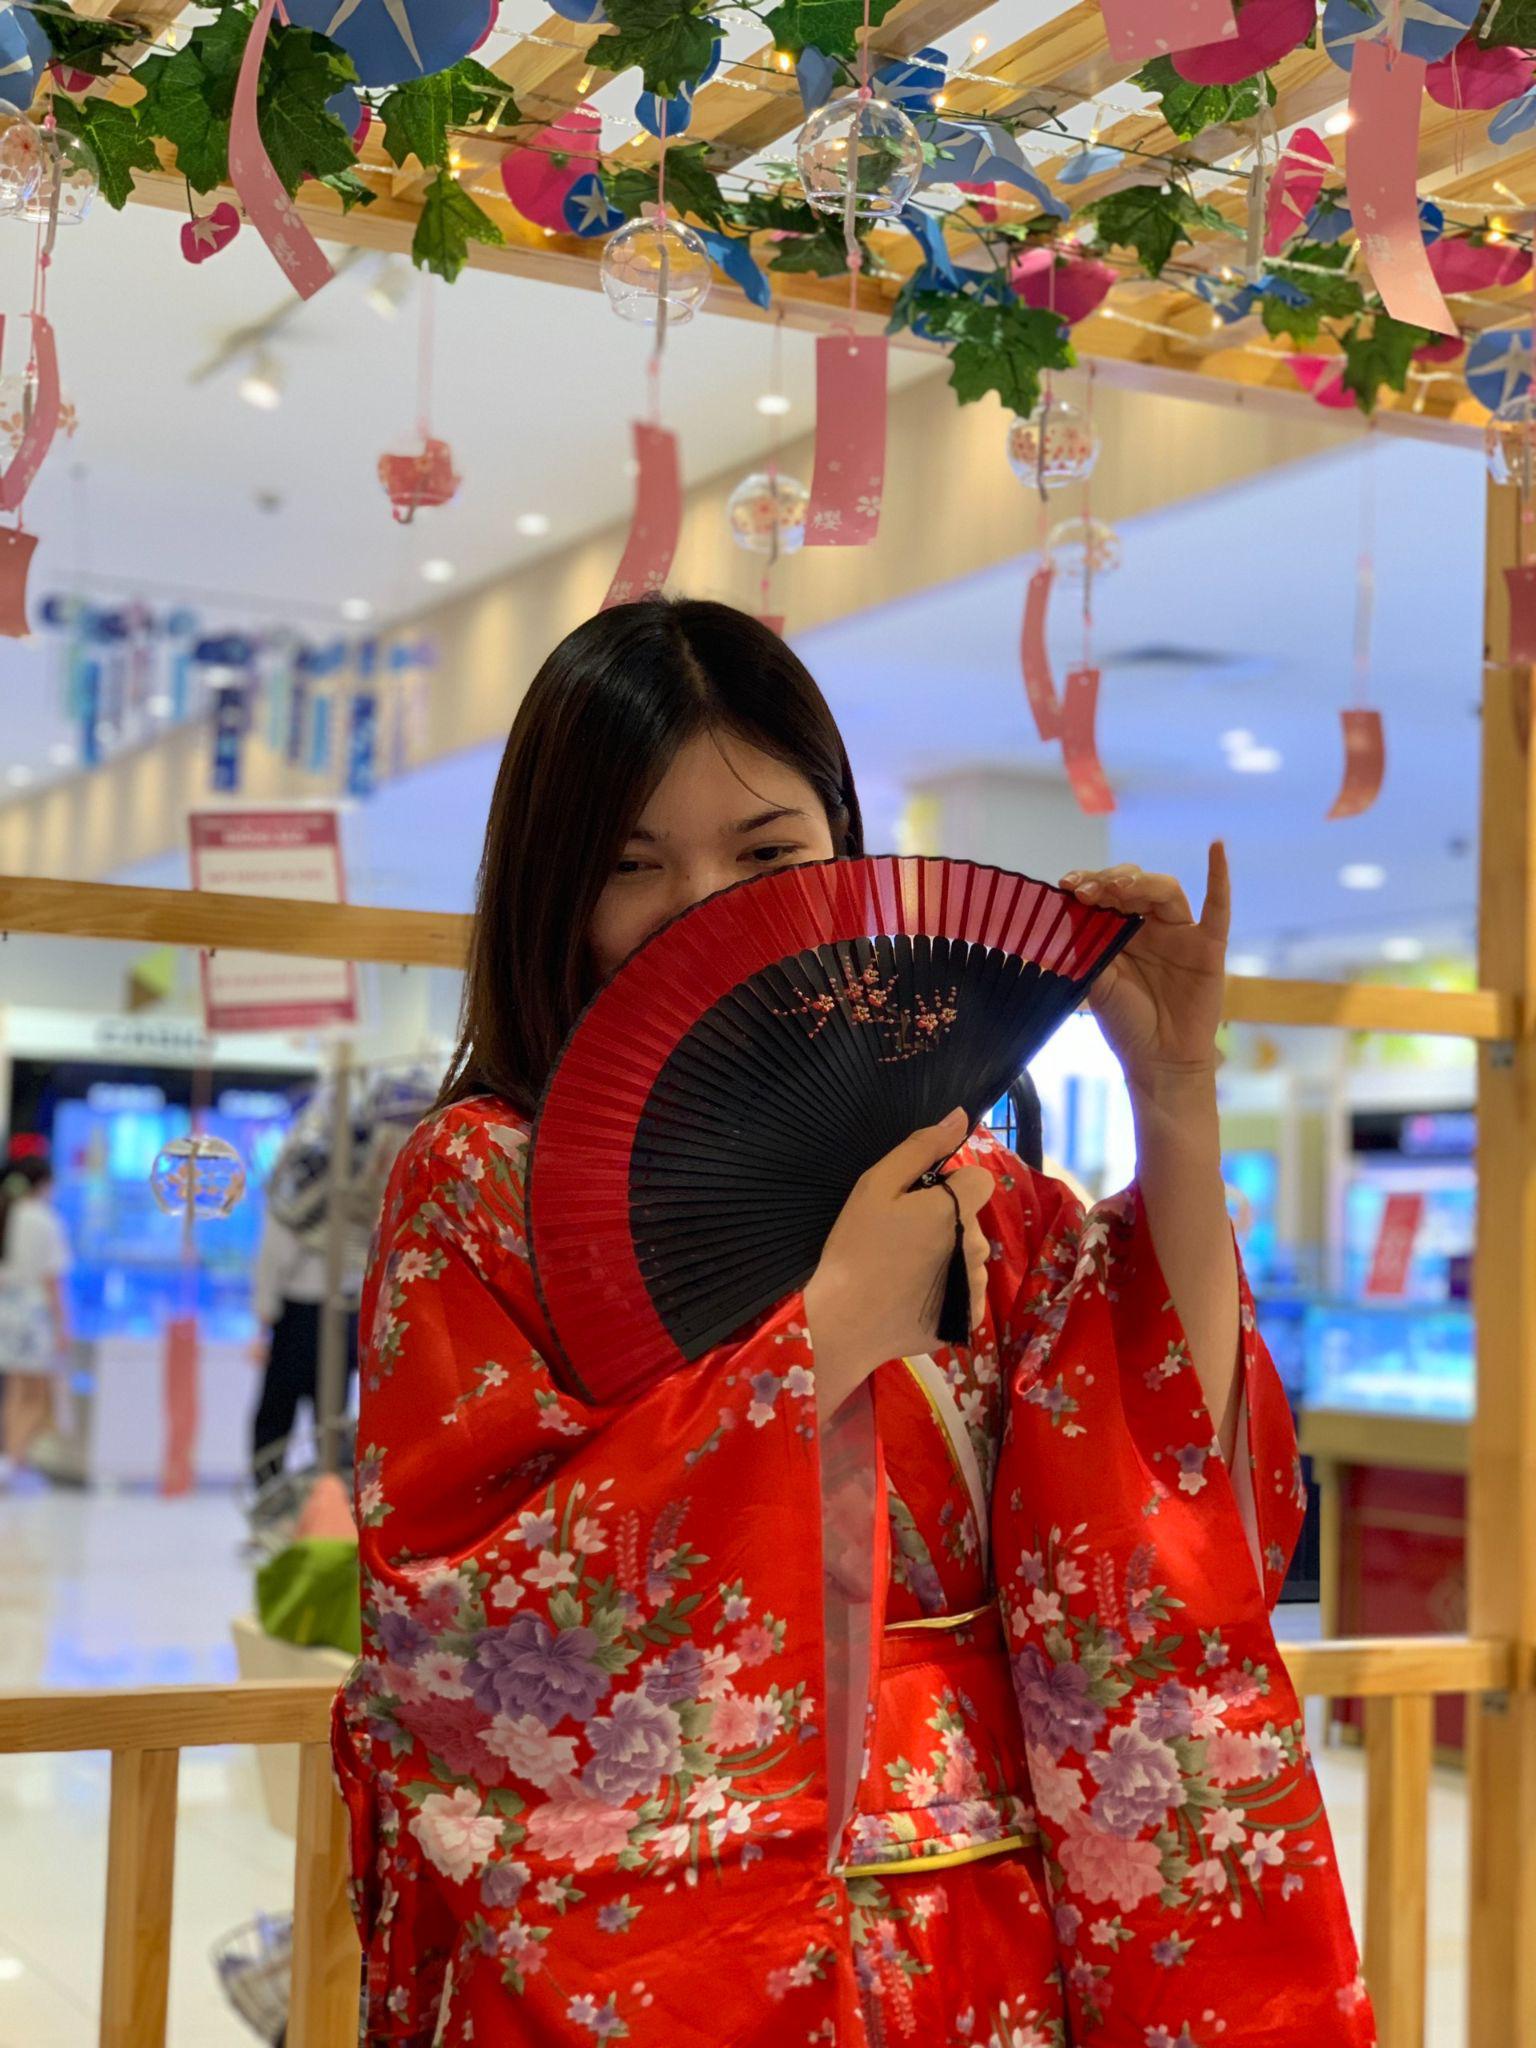 Lạc lối tại lễ hội mùa hè Nhật Bản giữa lòng Việt Nam - Ảnh 6.